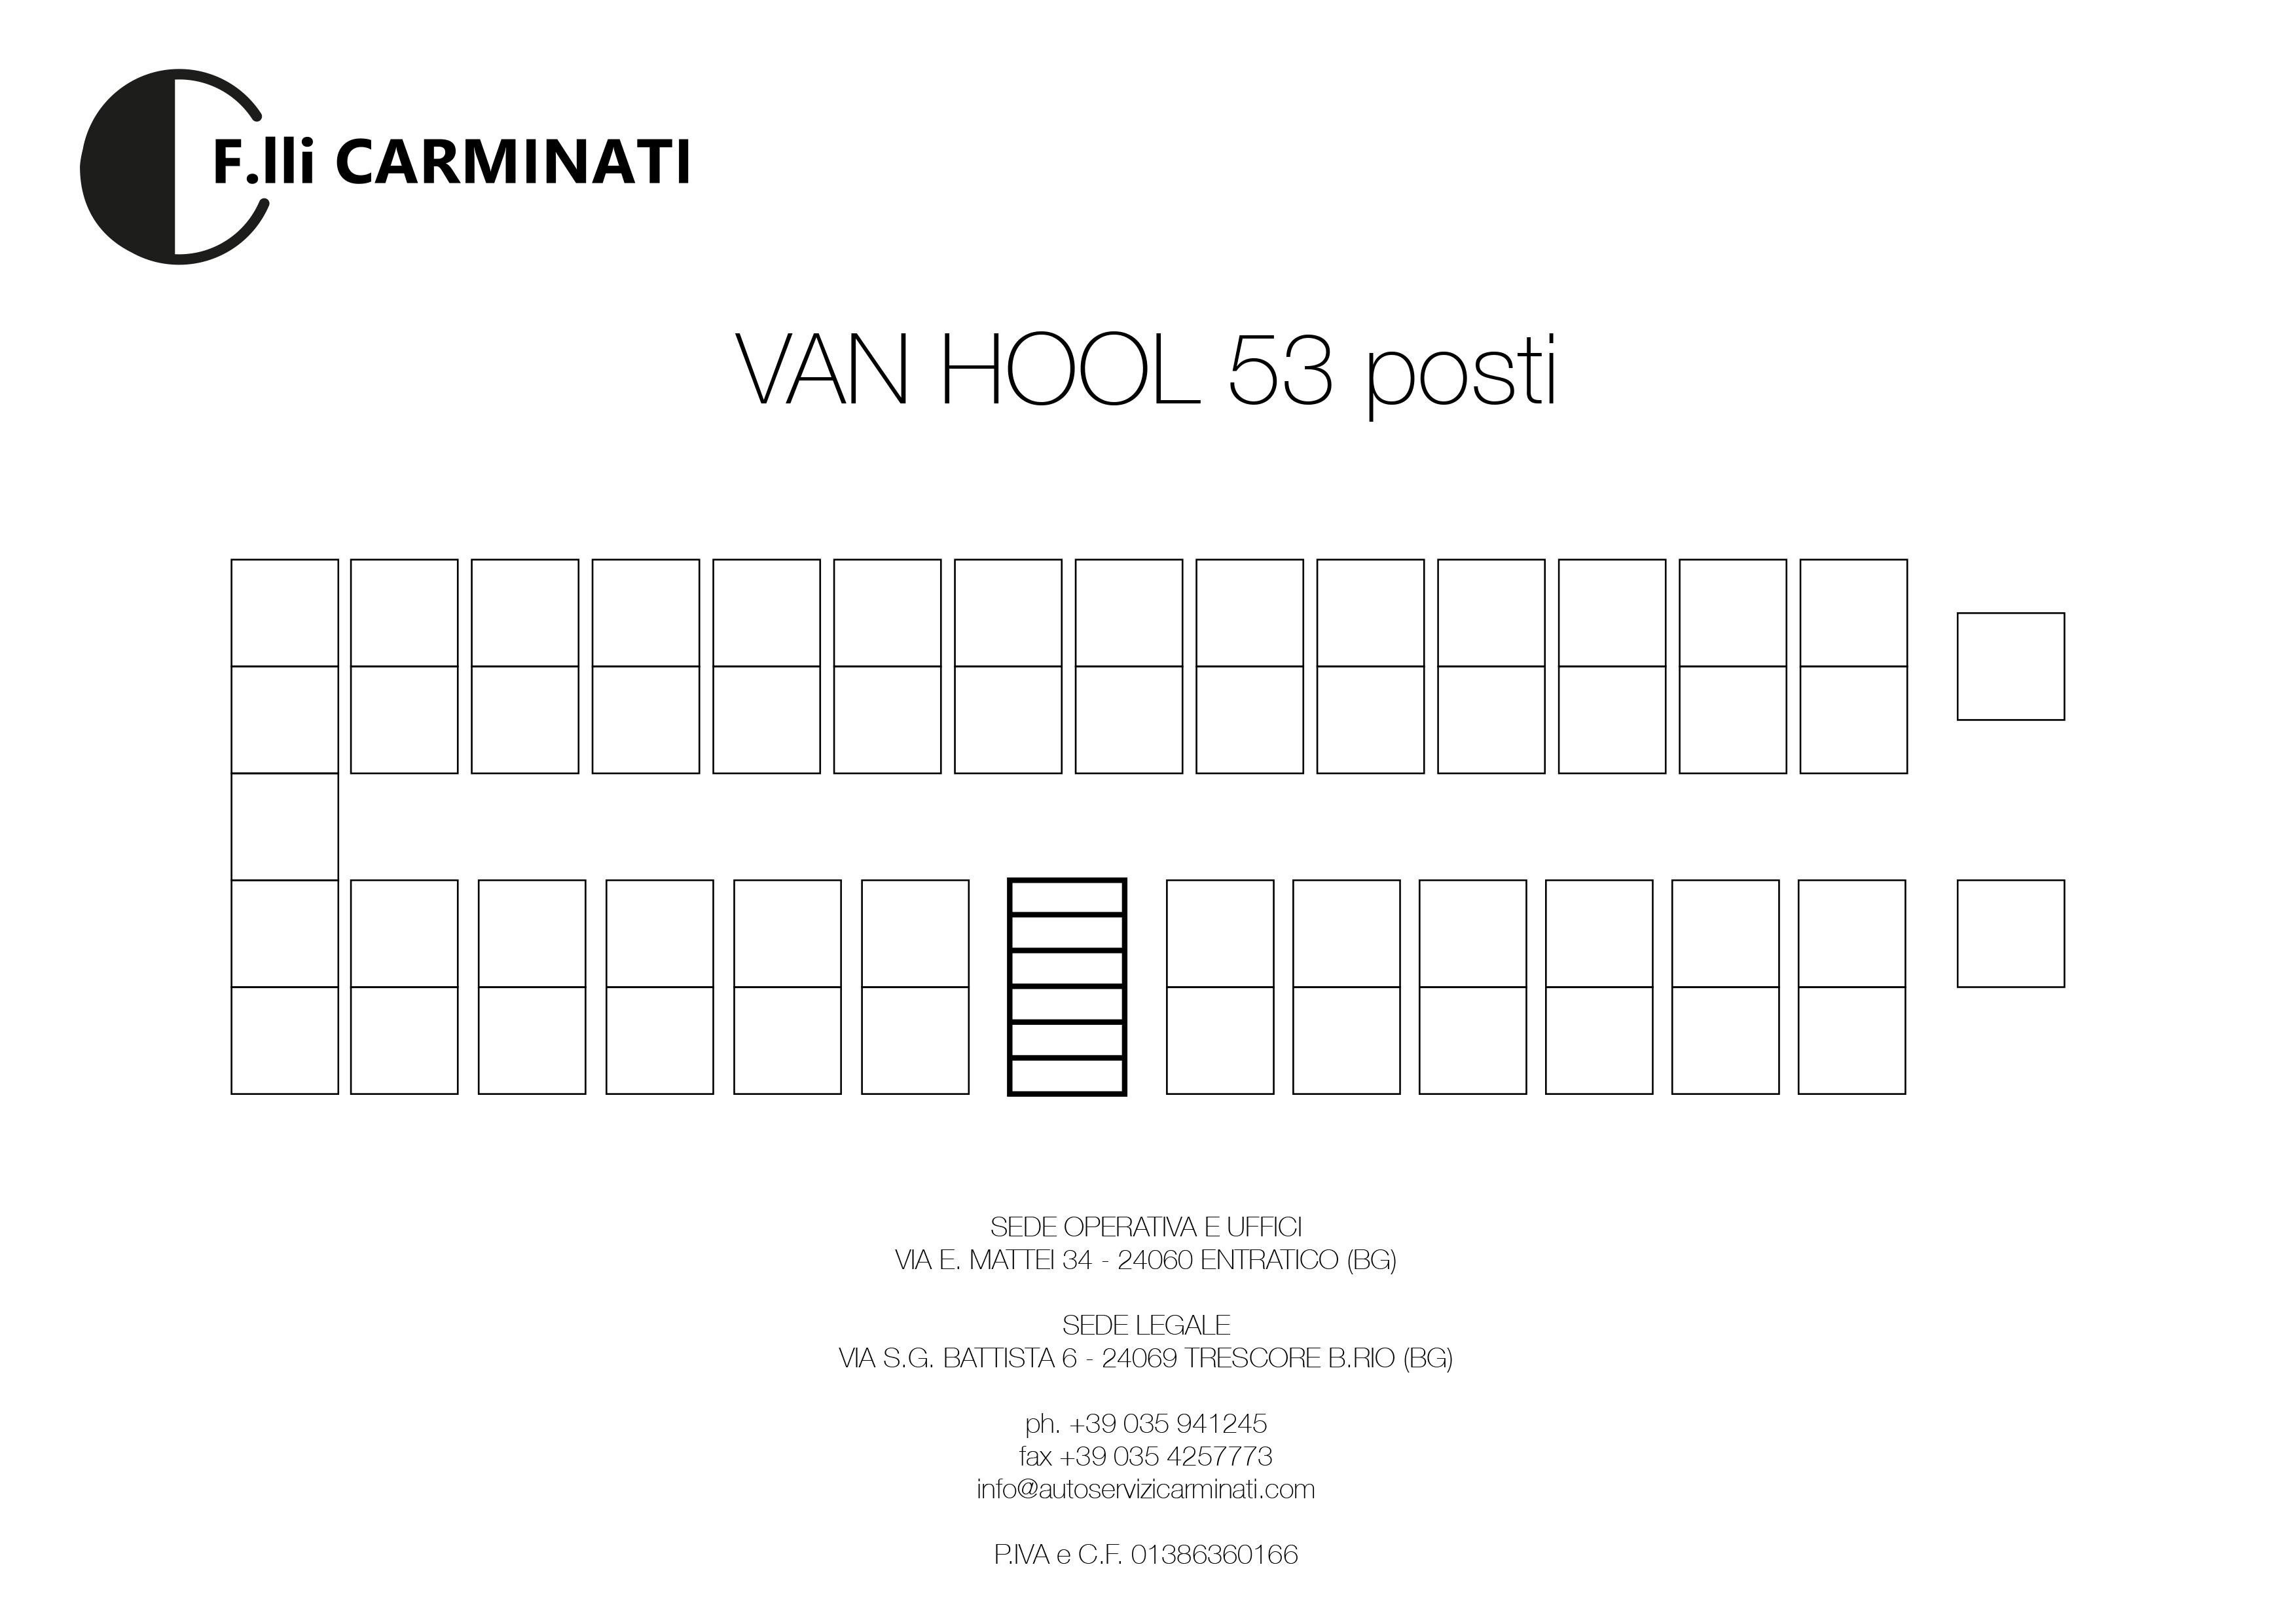 VAN HOOL 53